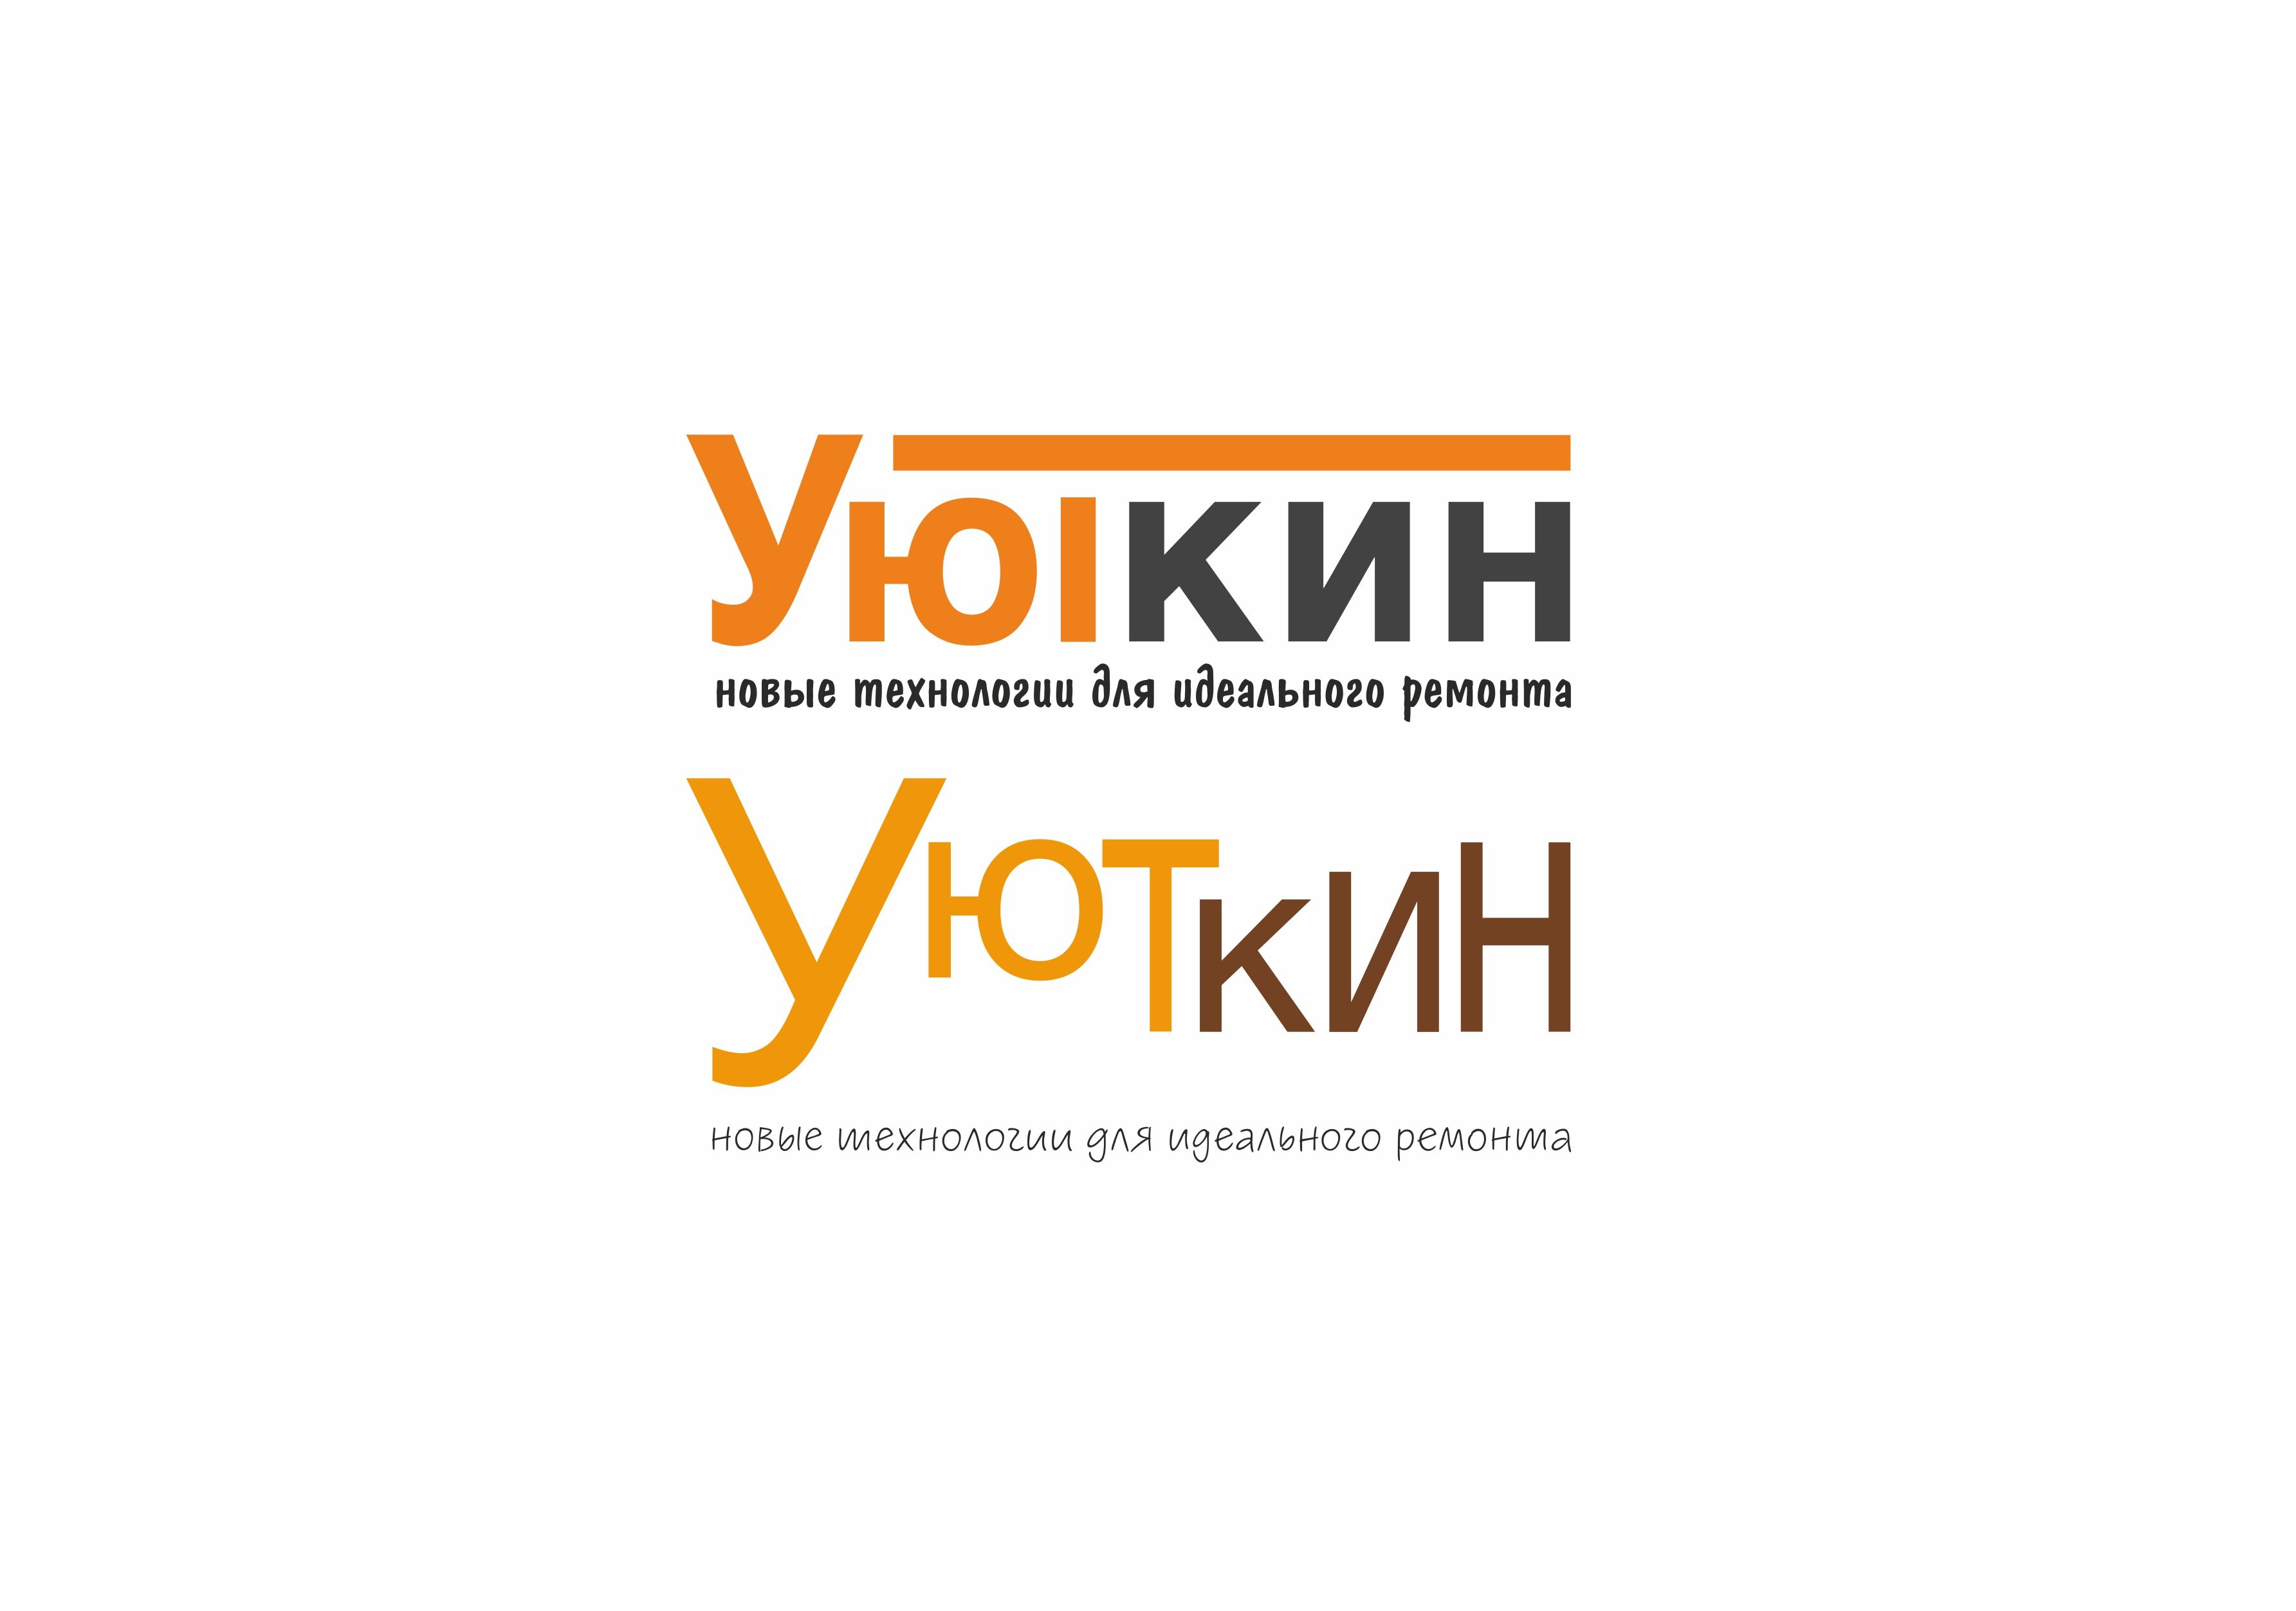 Создание логотипа и стиля сайта фото f_1055c61ee9f69e3e.jpg